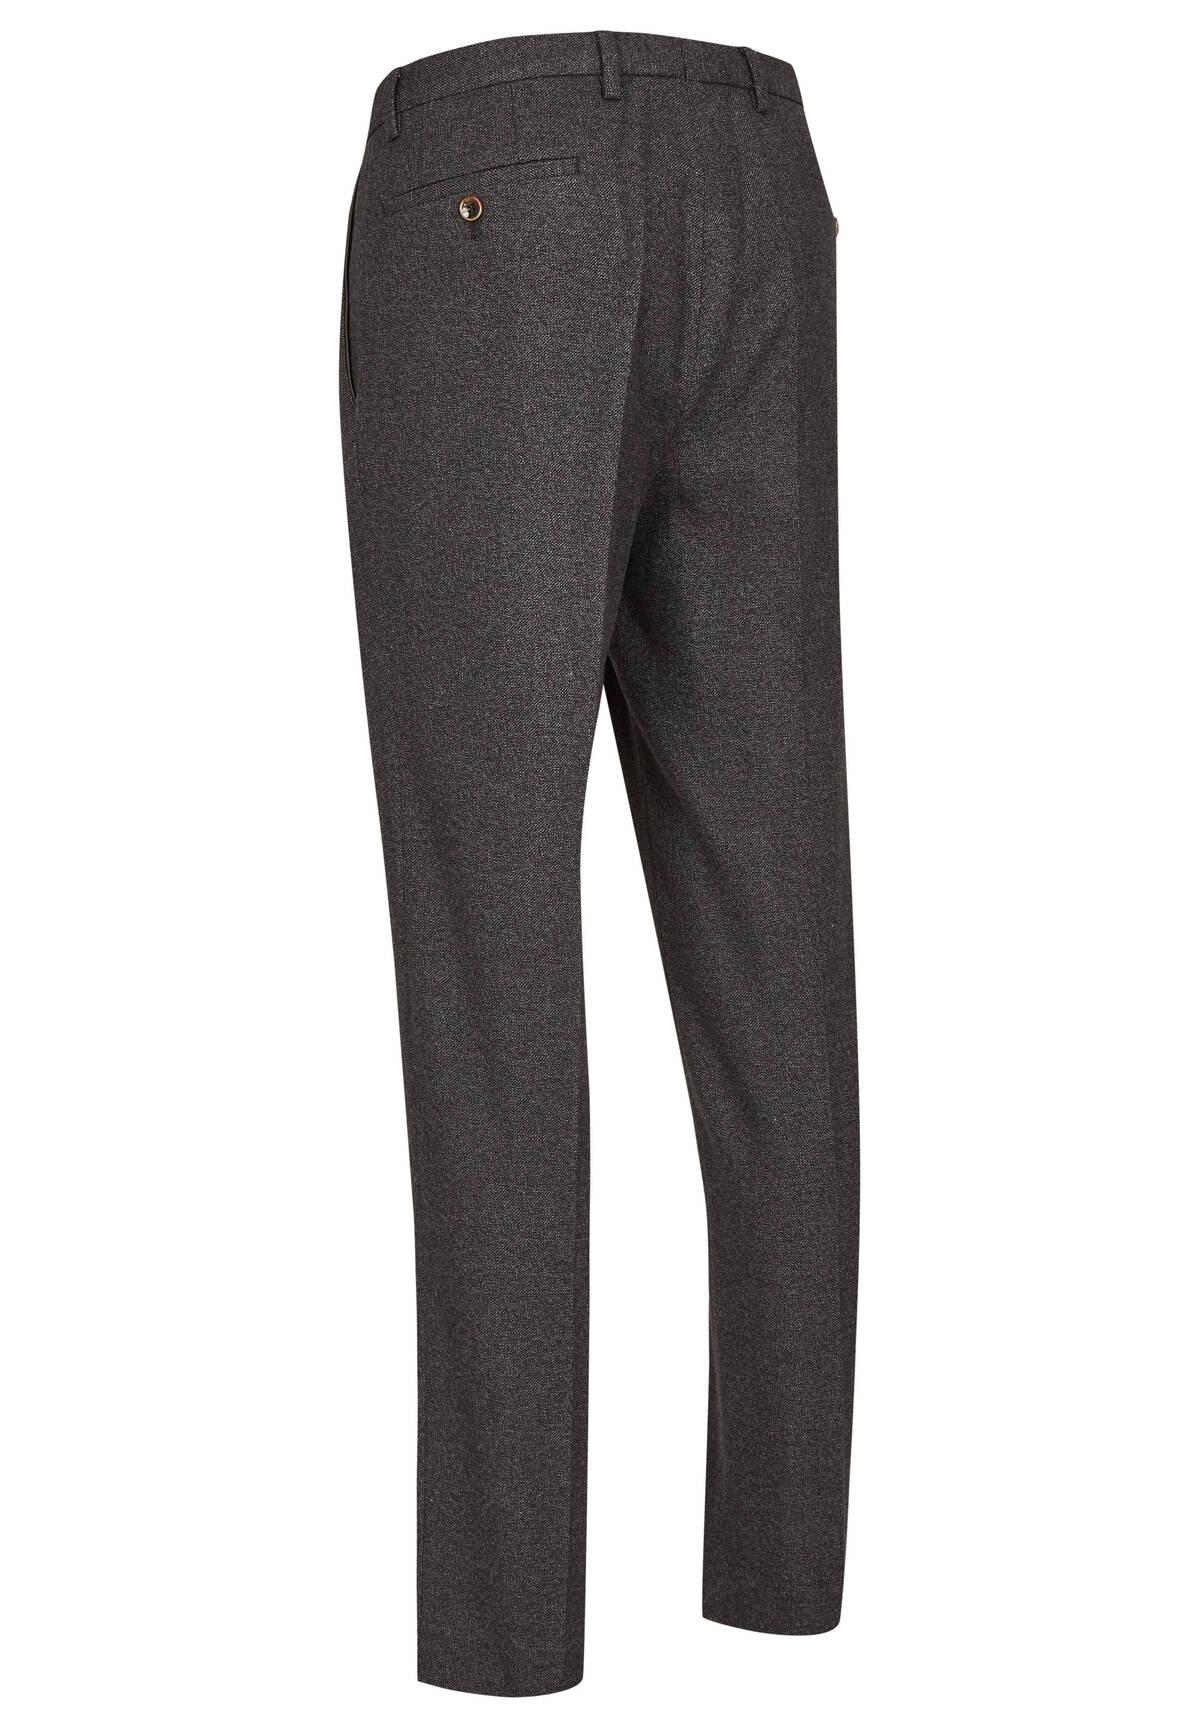 Pantalon droit chiné /